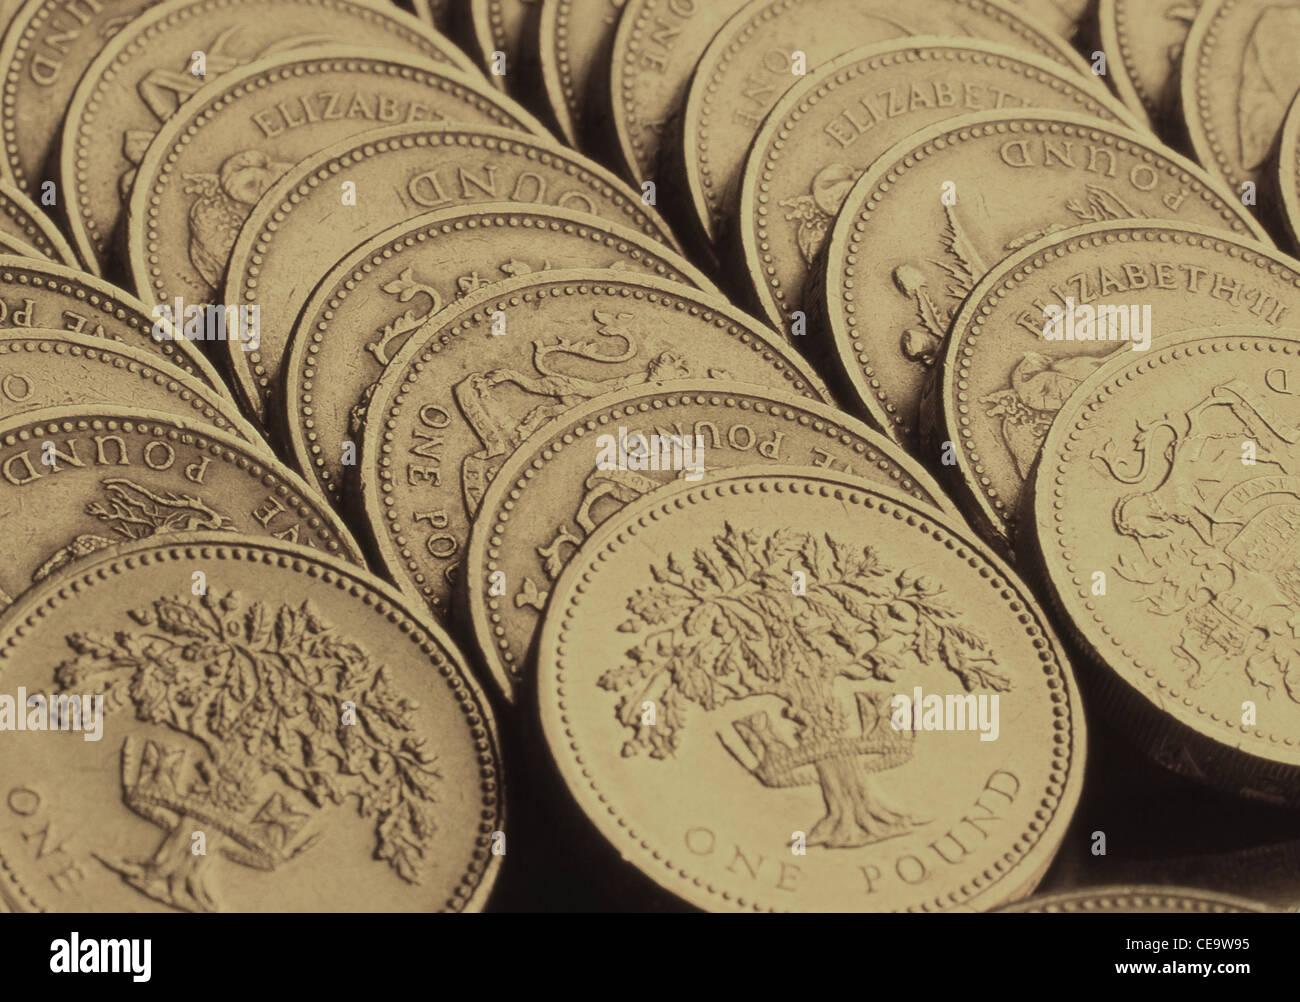 Zeilen Der Britischen Pfund Münzen London England Vereinigtes